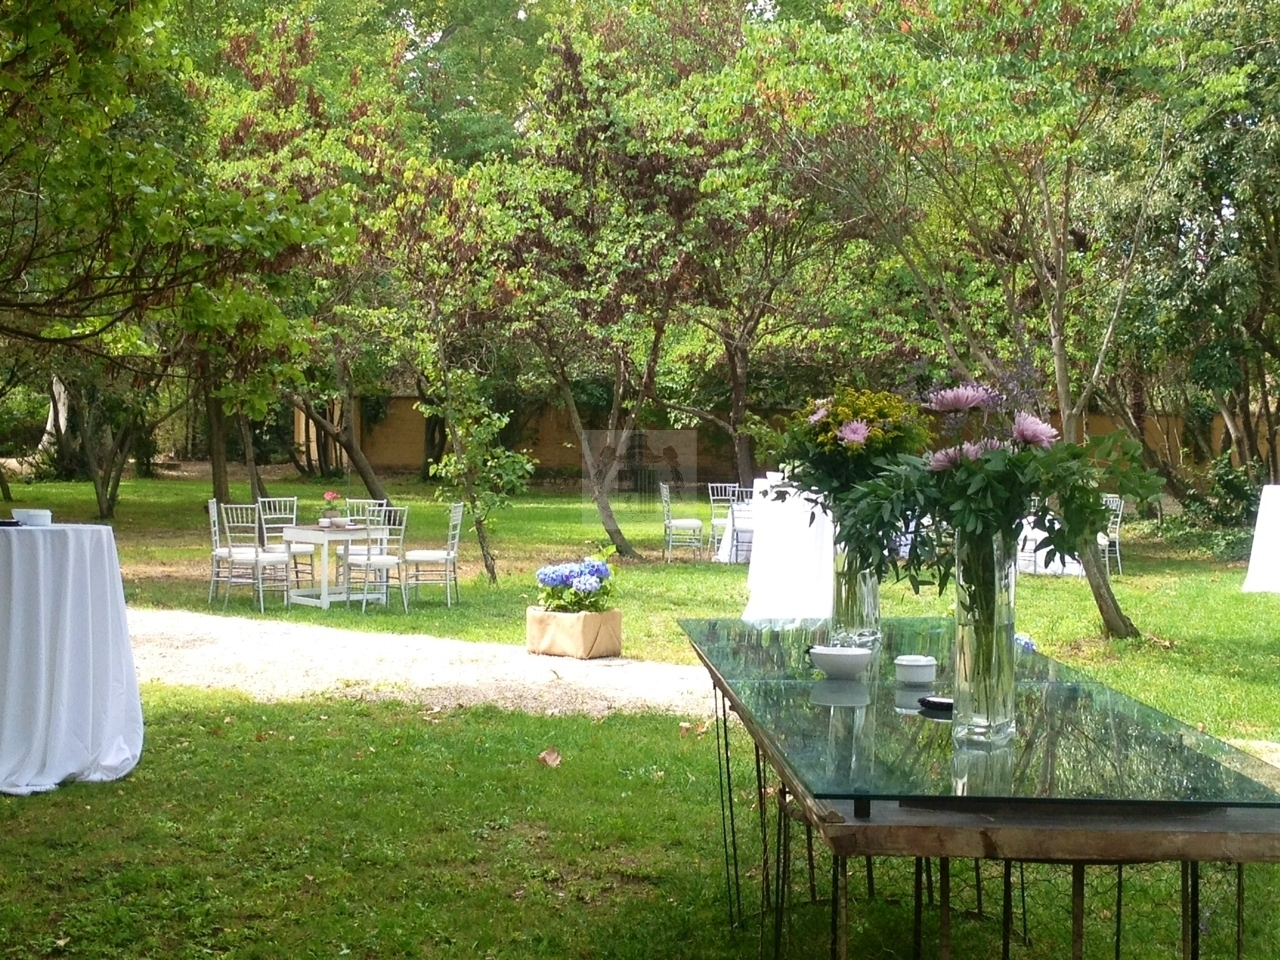 Jardines cercanos al comedor acristalado